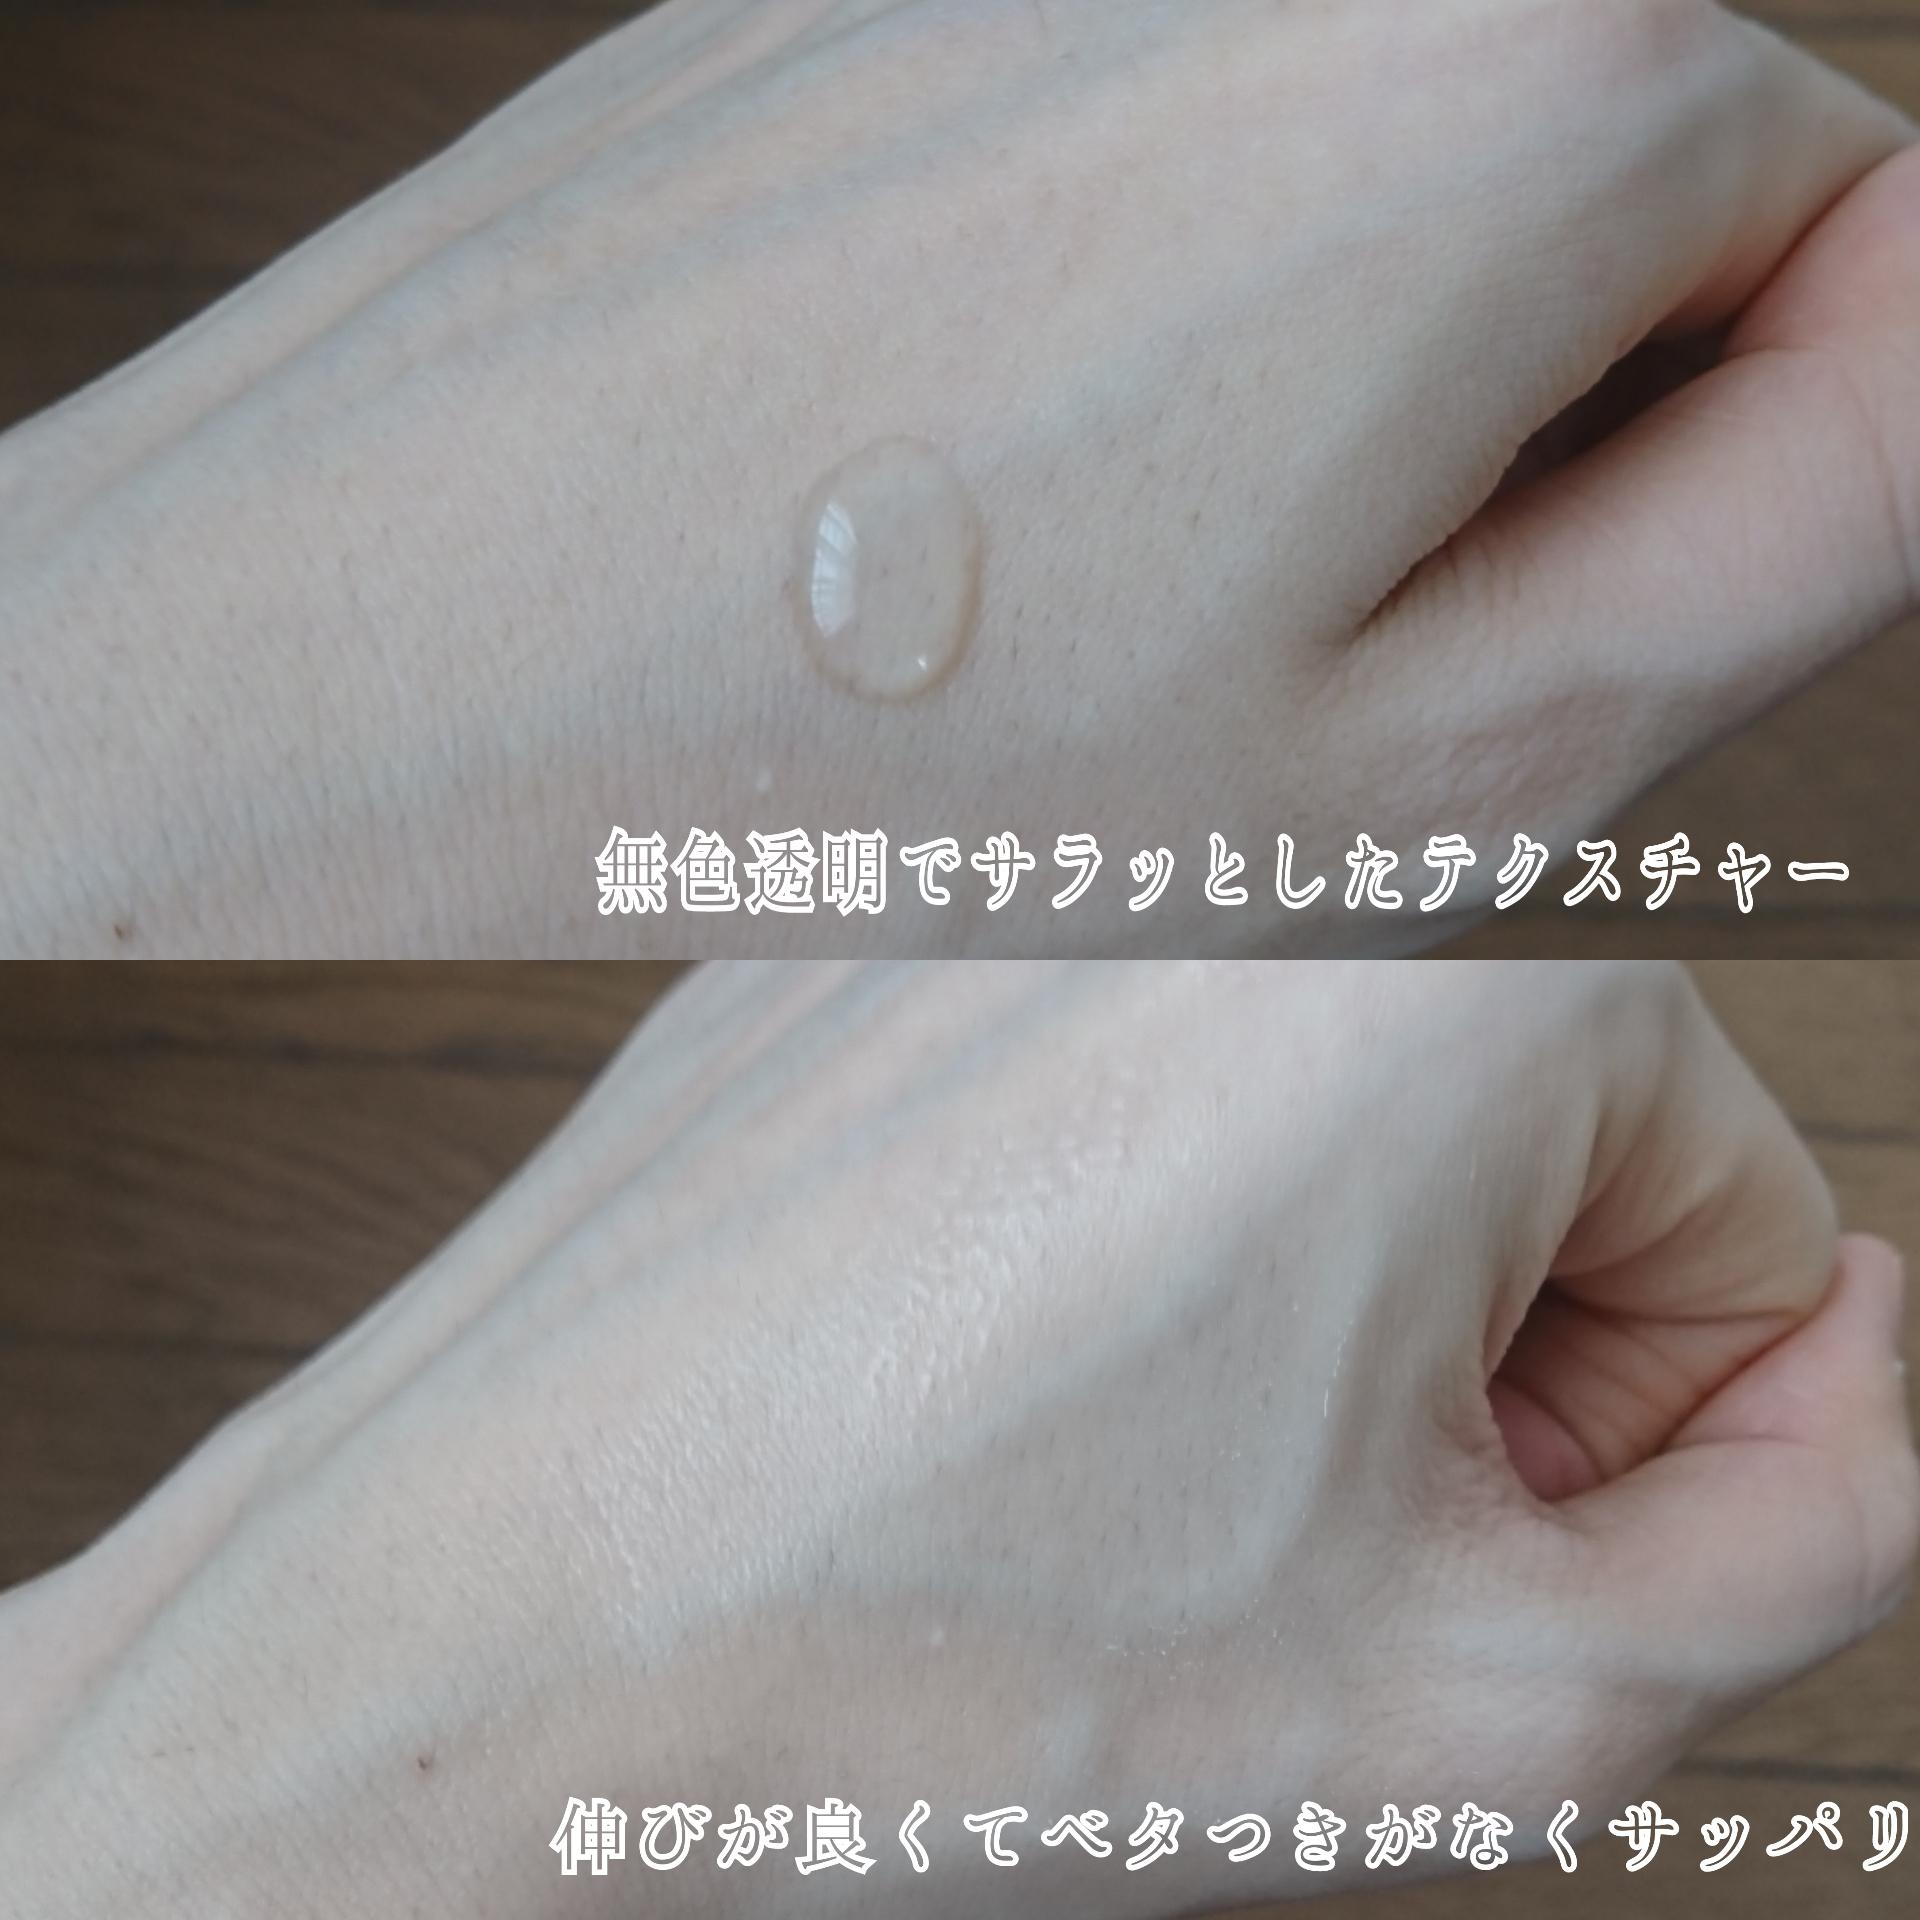 TRANSINO(トランシーノ) 薬用ホワイトニングクリアローションEXを使ったYuKaRi♡さんのクチコミ画像3